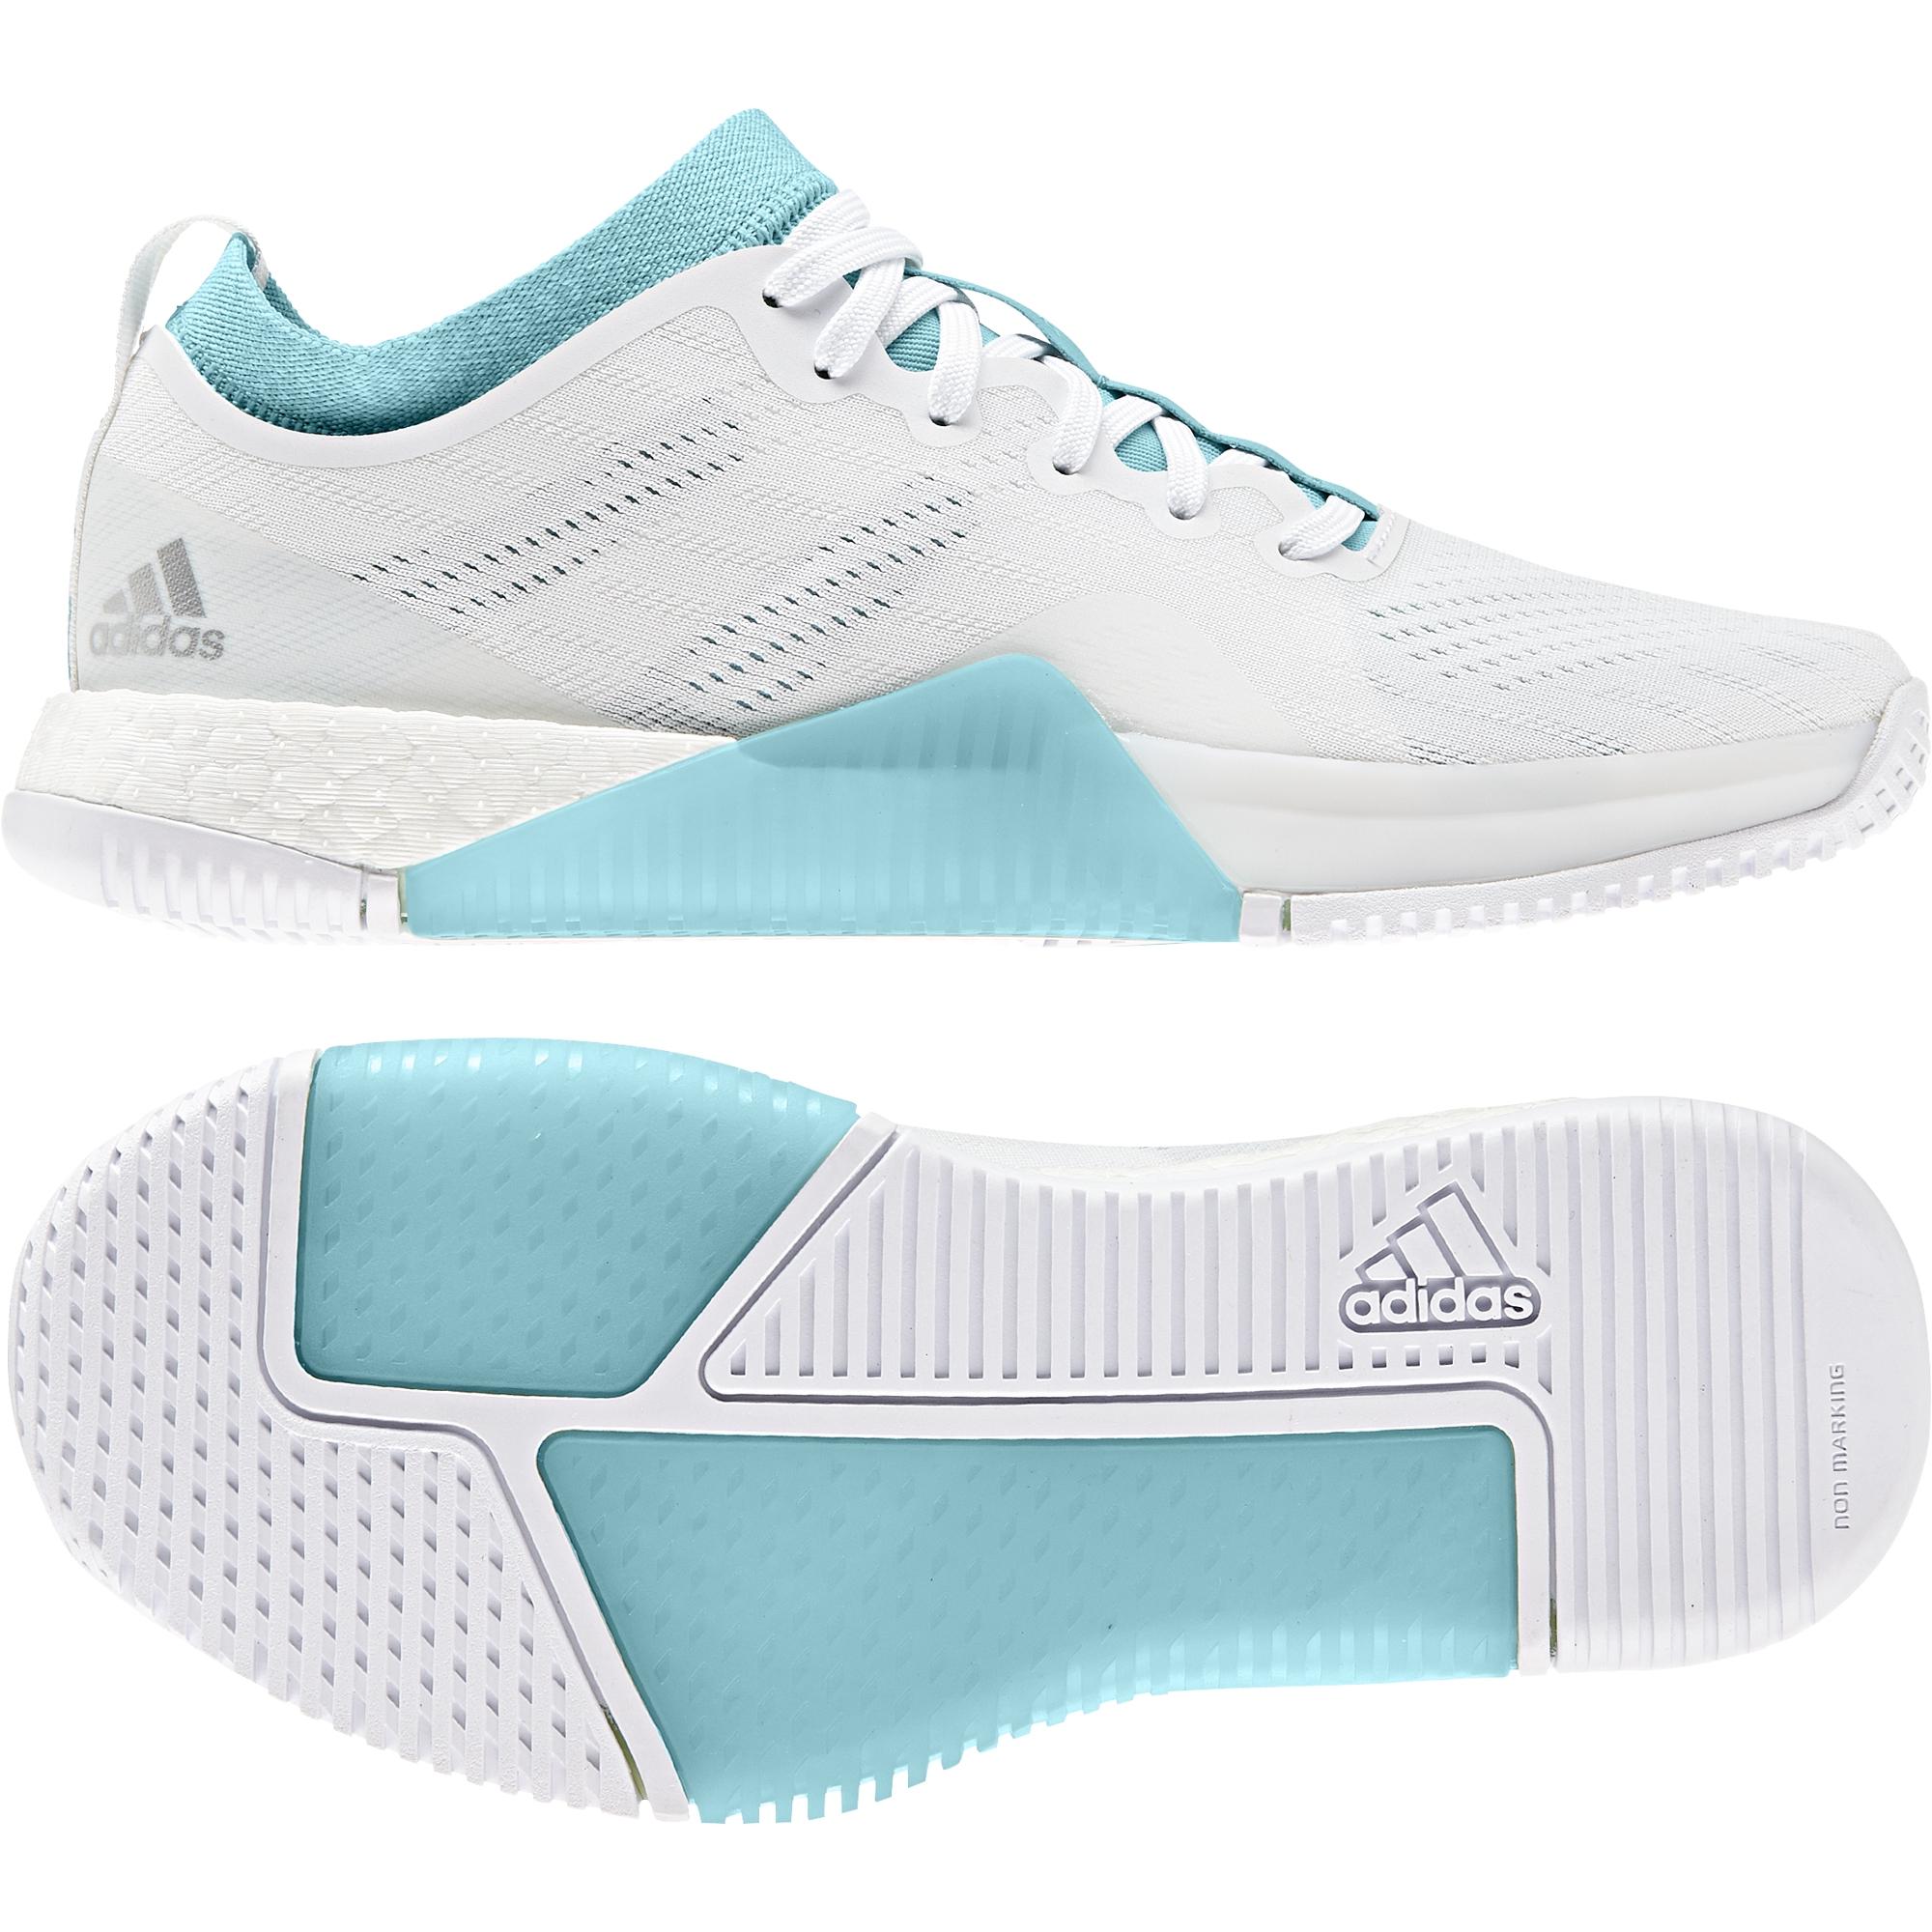 wholesale dealer 1549f 8c665 Chaussures femme adidas CrazyTrain Elite